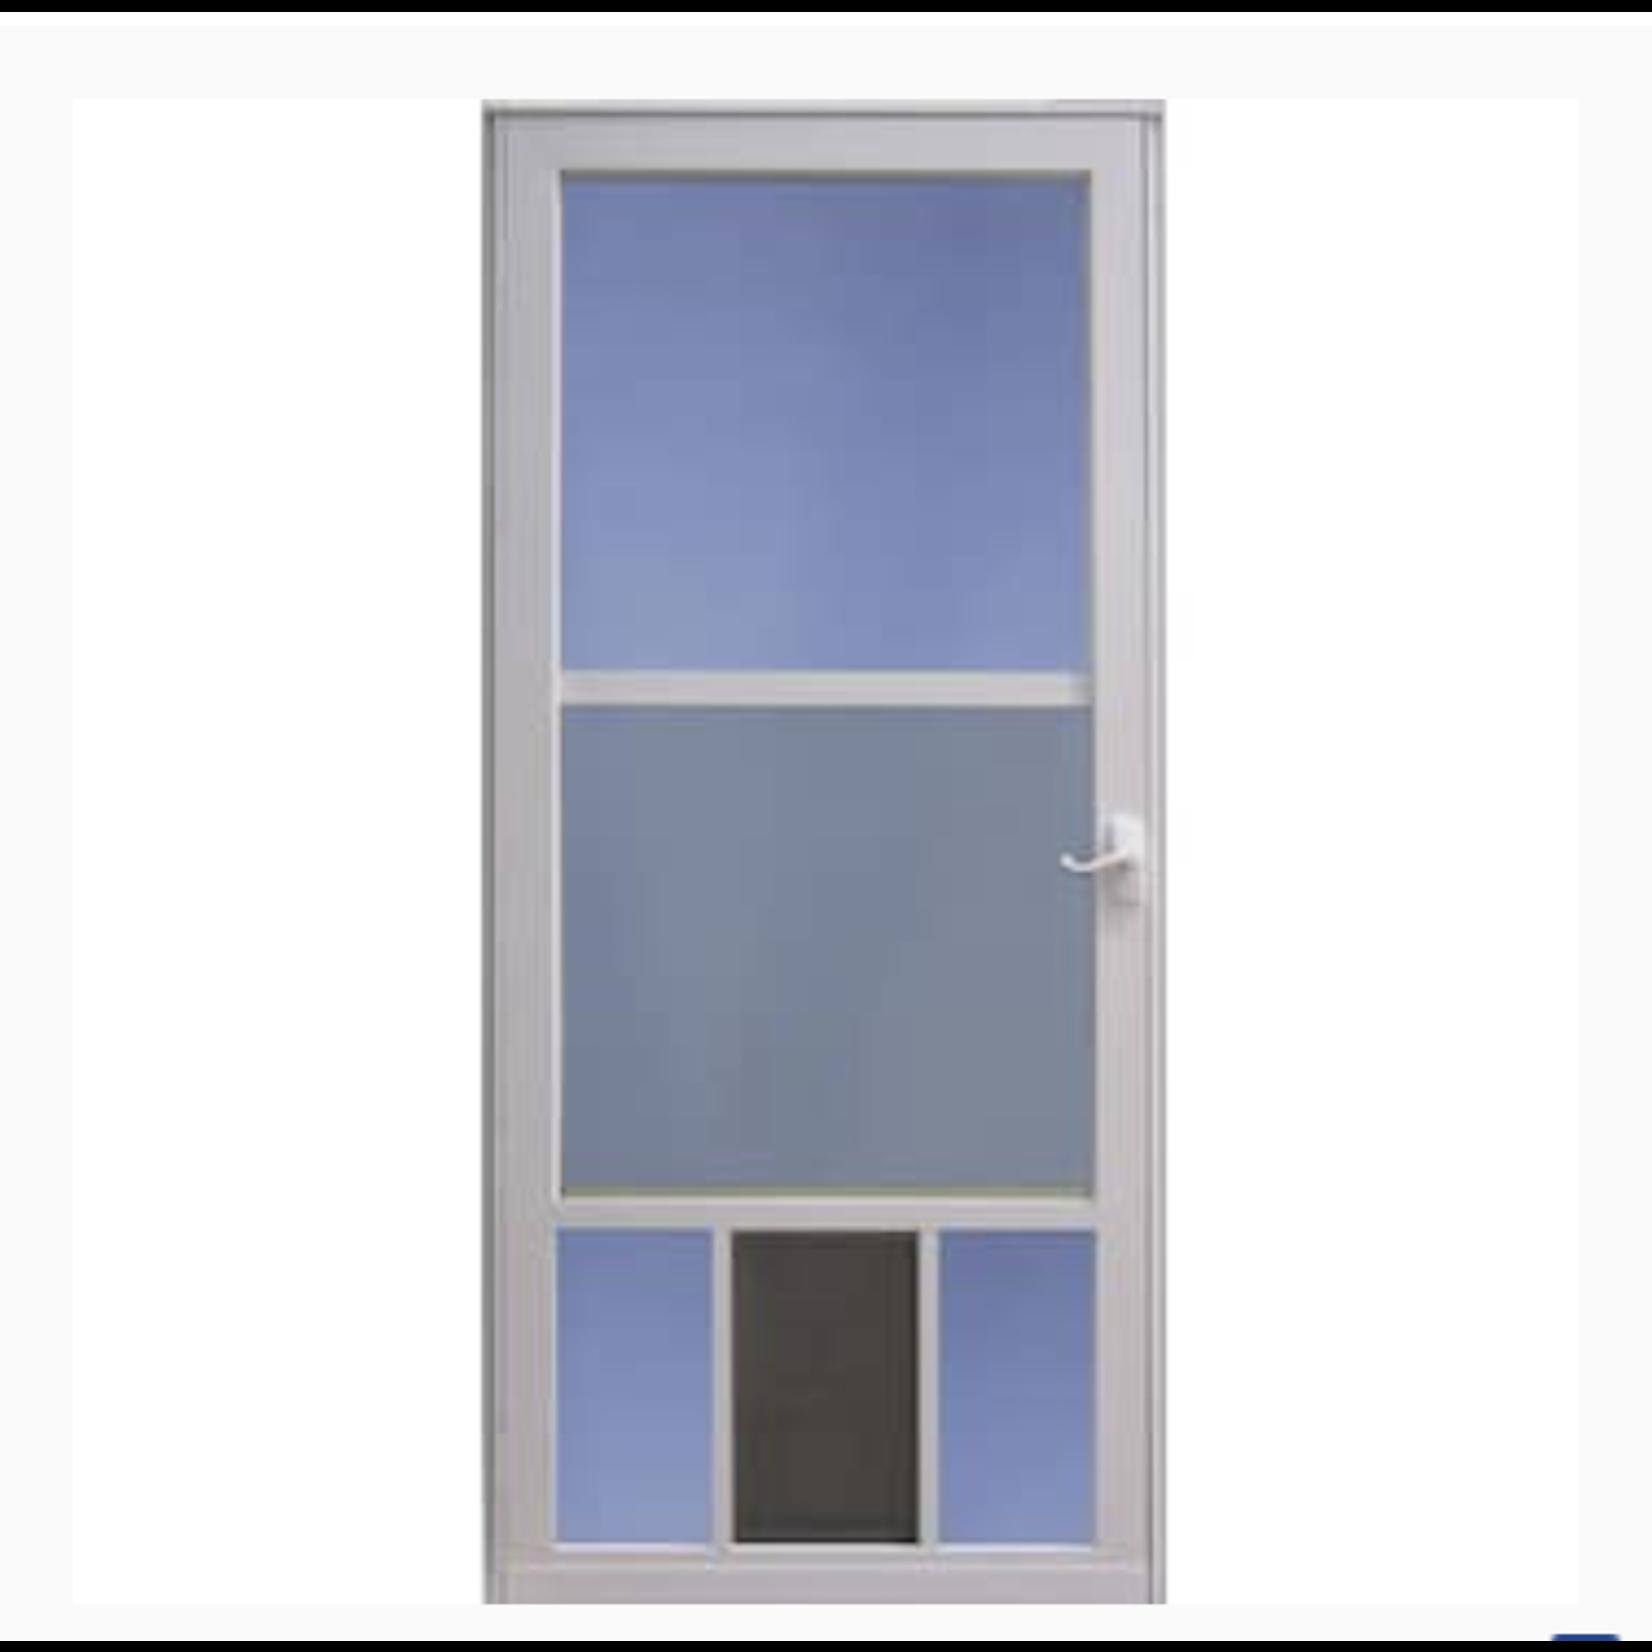 10209 3 Light White Storm Door W/ Pet Entrance